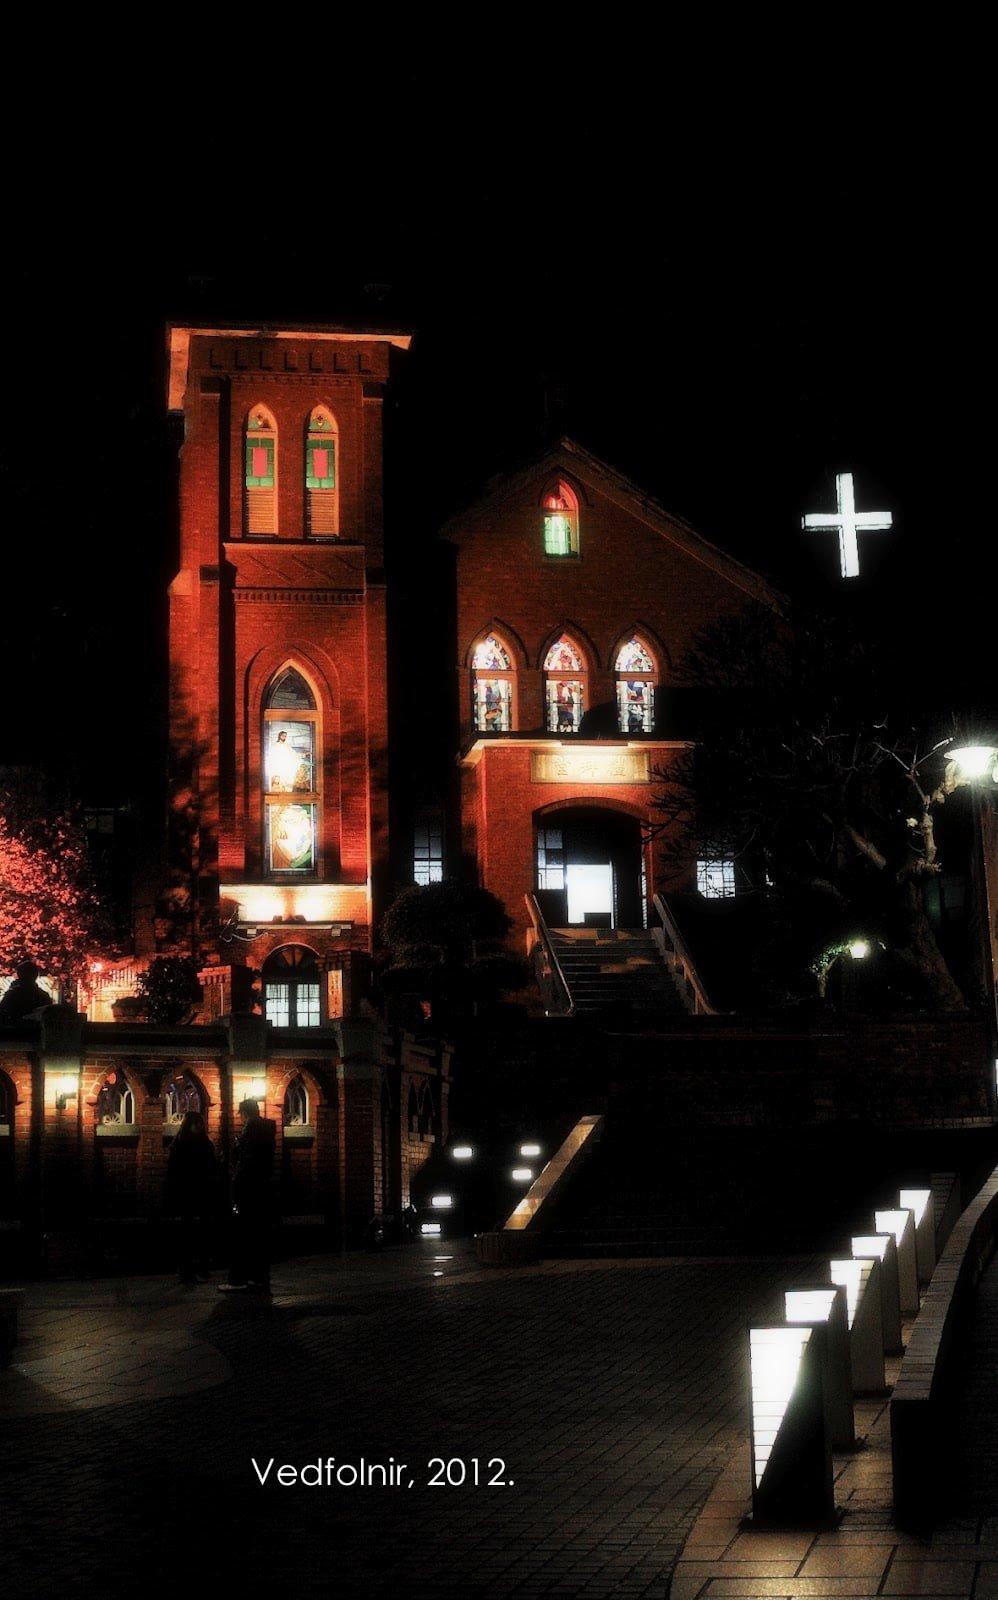 淡水-馬偕-教堂-Tamsui-Dr-George-Leslie-Mackay-Ancient-Church-vedfolnir